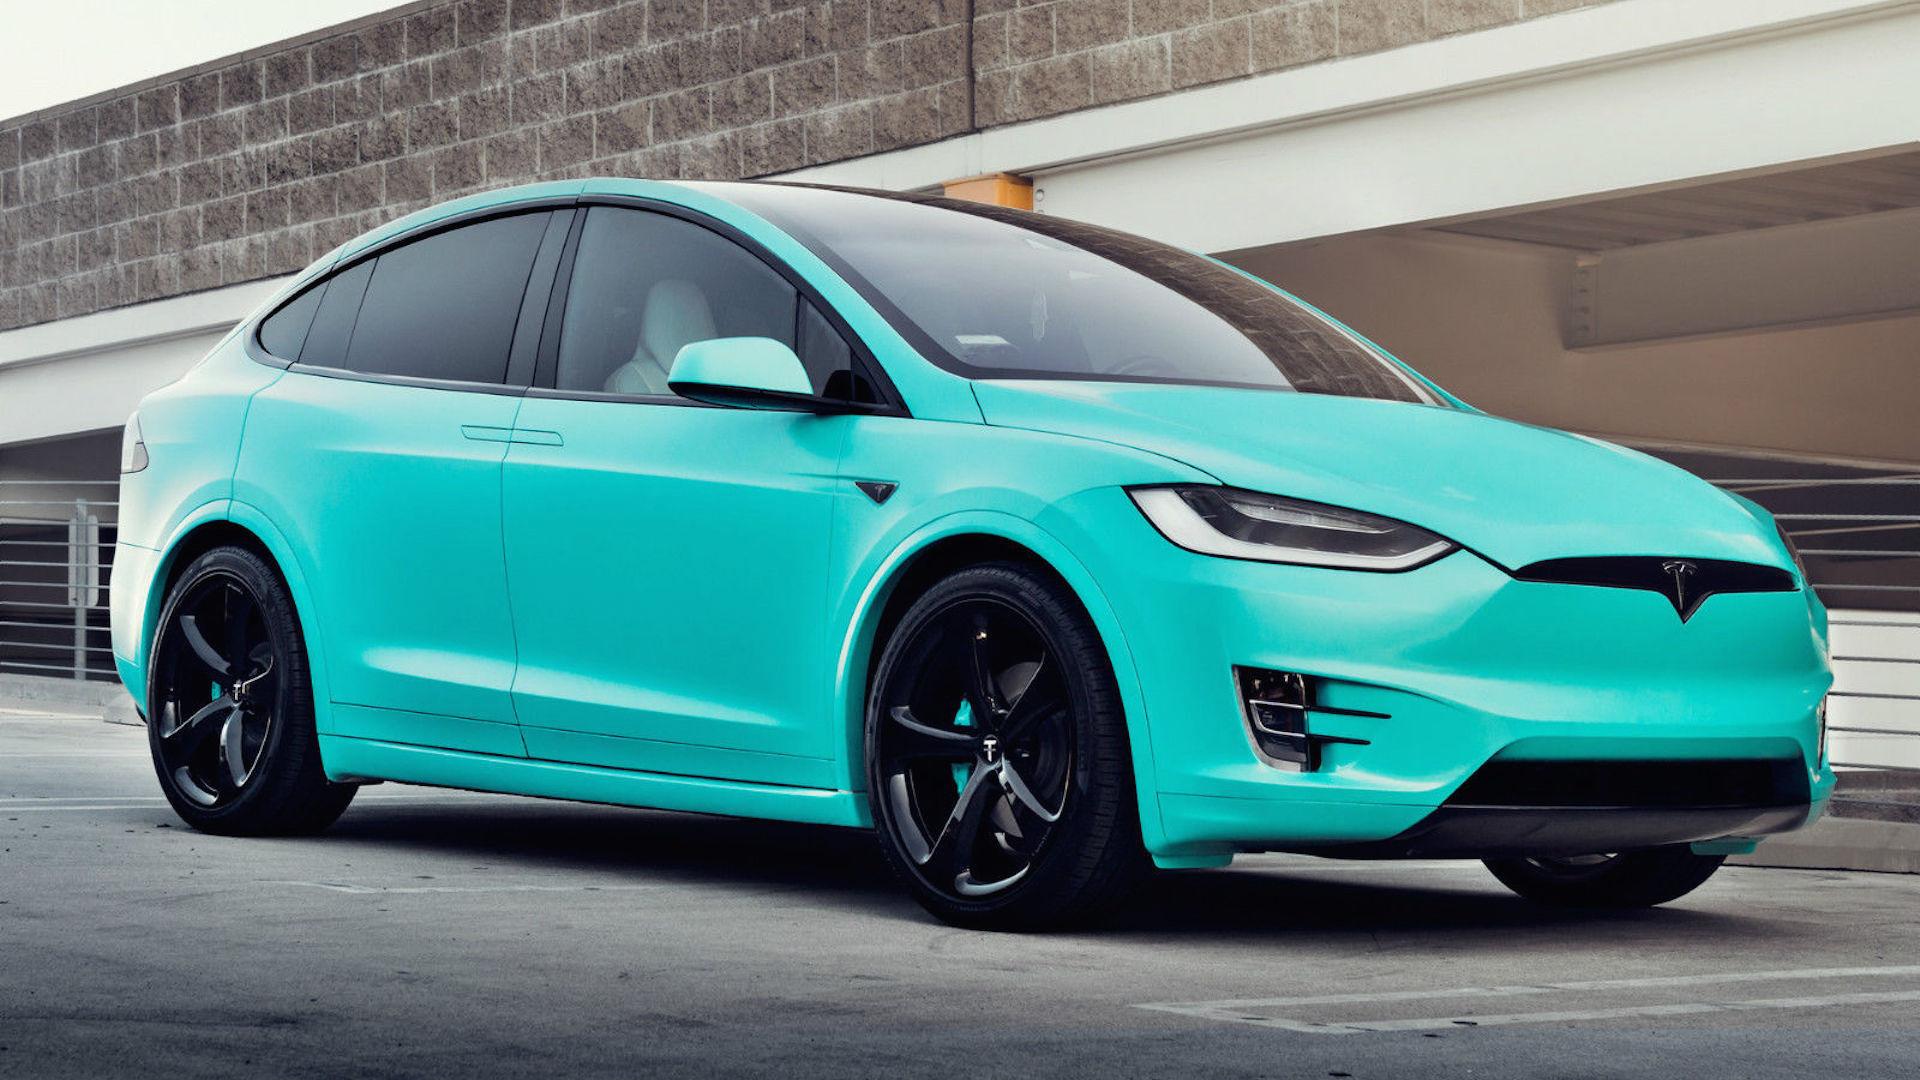 Tesla встановила новий світовий рекорд: більше тисячі кілометрів без підзарядки